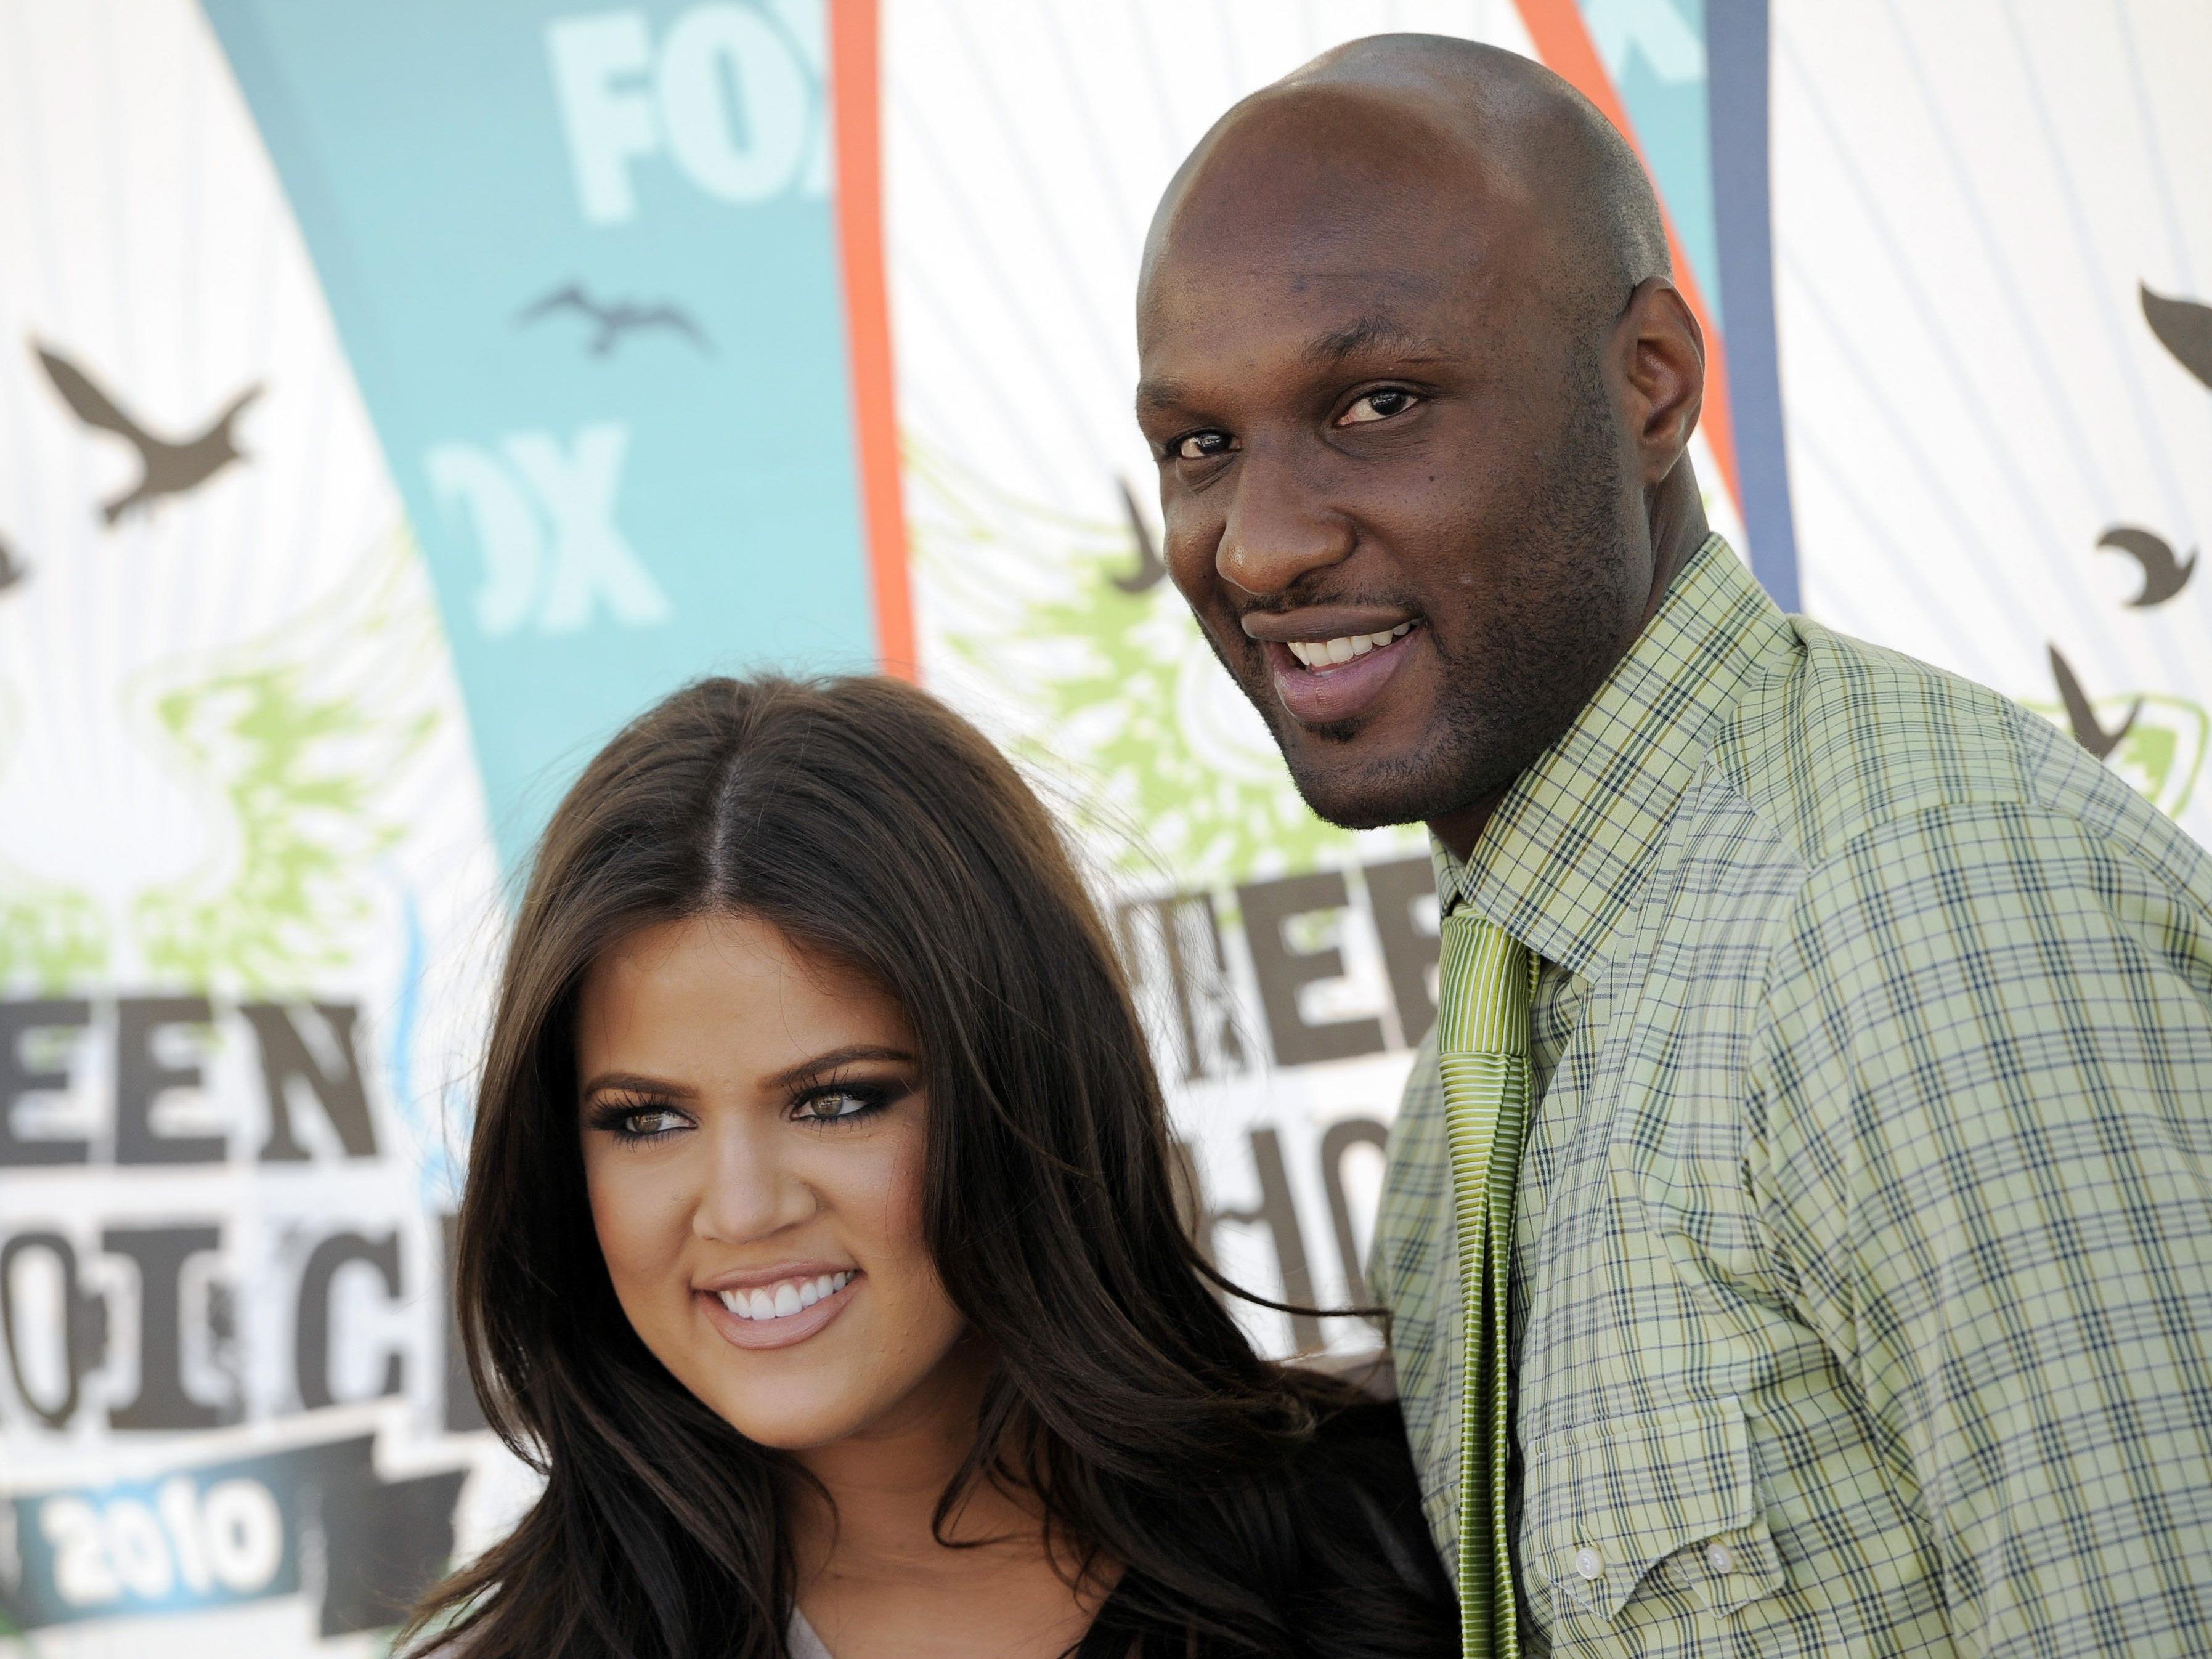 Seit September 2009 ist Lamar Odom mit Khloe Kardashian verheiratet.